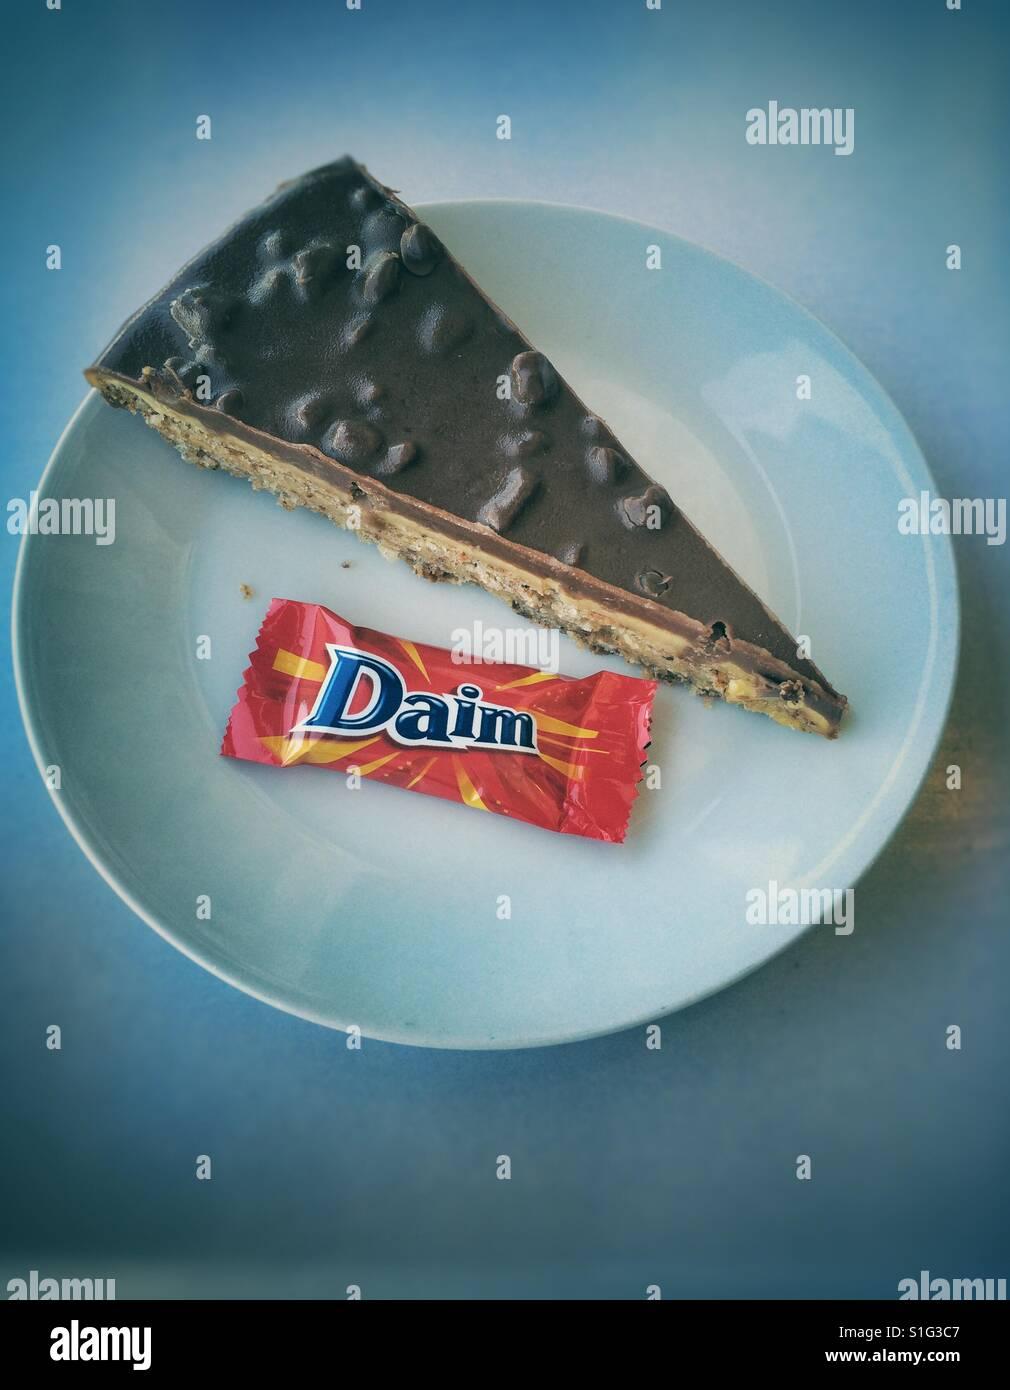 Mittagessen Im Ikea Daim Bar Kuchen Stockfoto Bild 310755207 Alamy